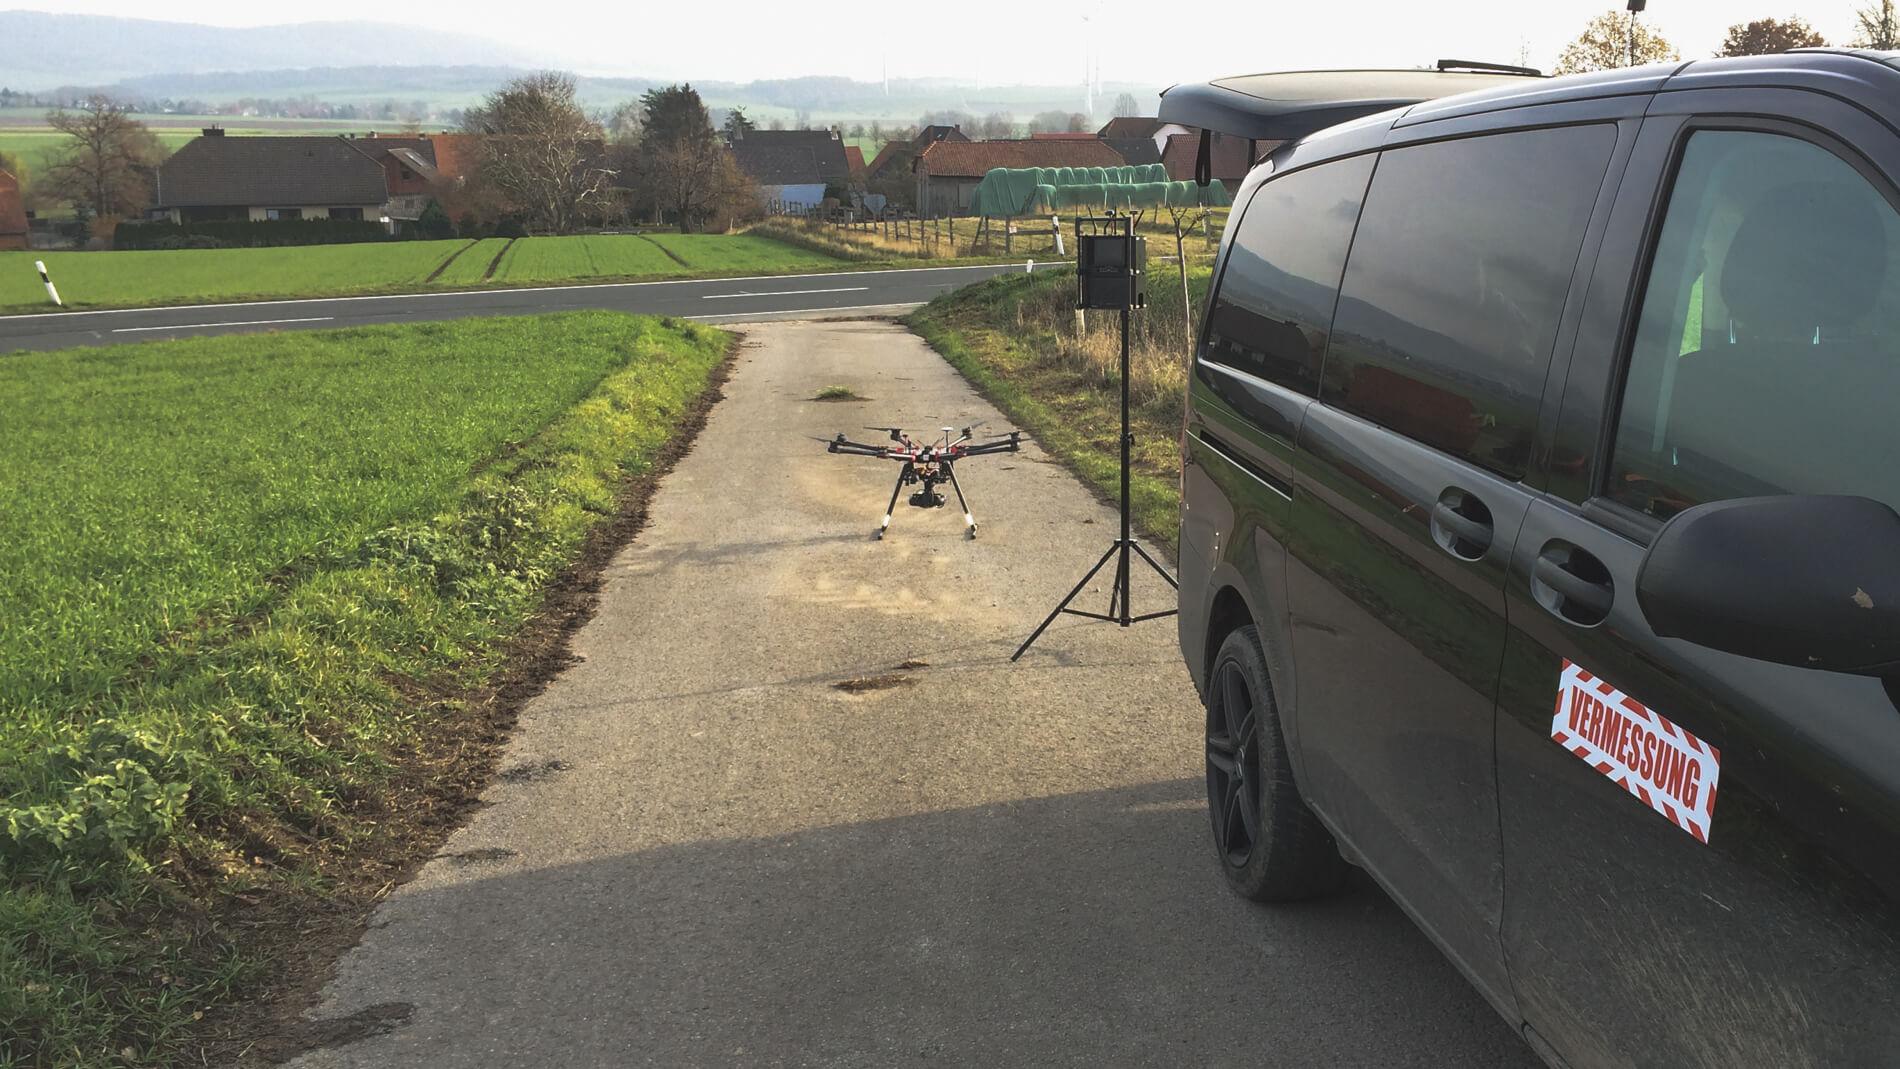 Leandliches-Gebiet-Niedersachsen-Kartierung-mittels-Drohne-Glasfaserausbar-Auskung-per-Drohne